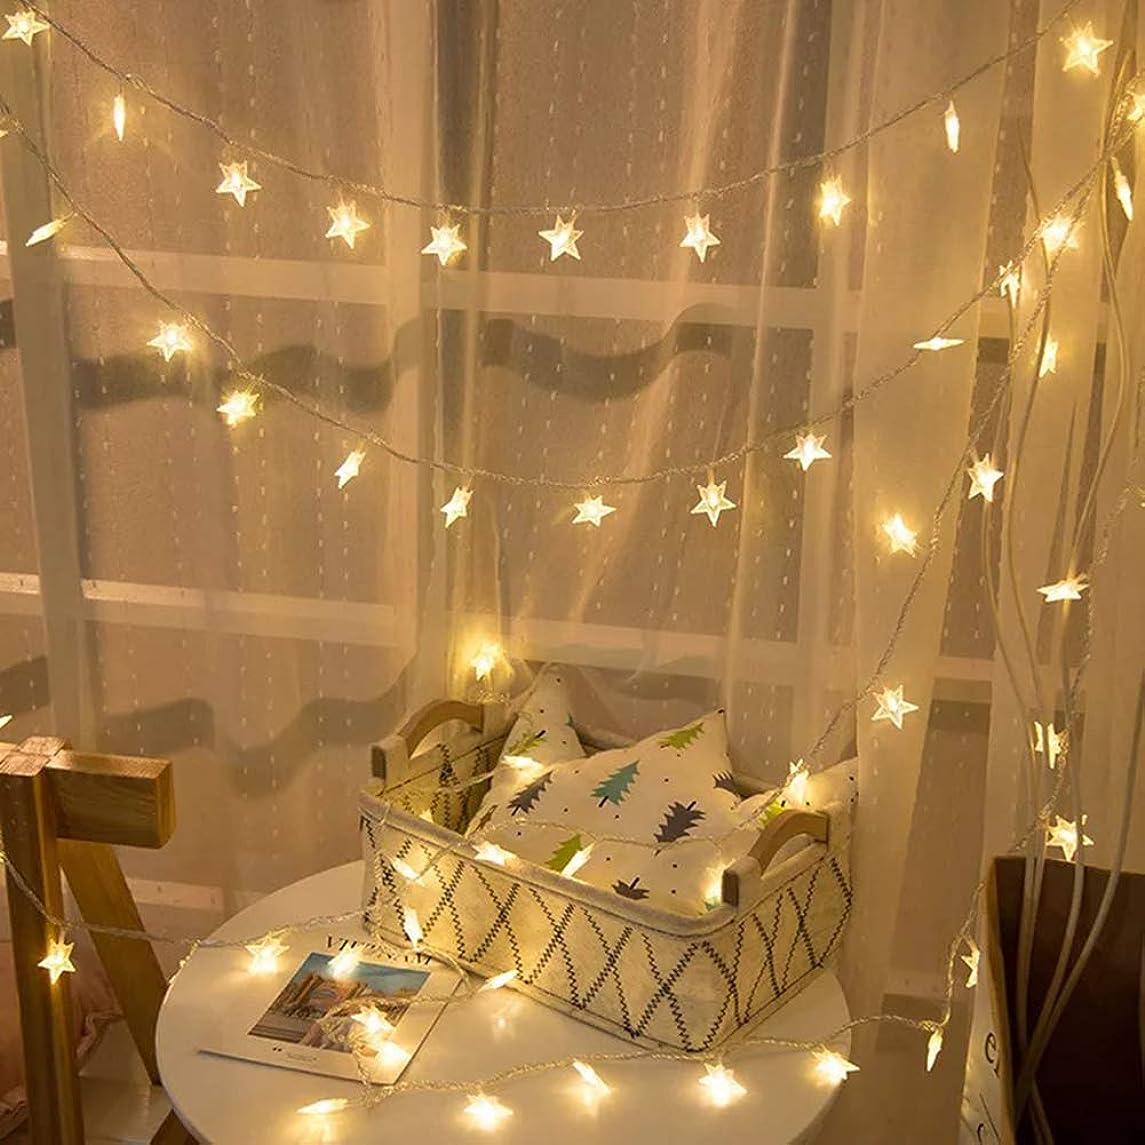 唯一管理外観クリスマス ledスターライト 飾り ライト6m 40球 LED ストリング ライト クリスマス ツリー 飾り物 高輝度 パーティー 結婚式 誕生日 記念日 デコレーション